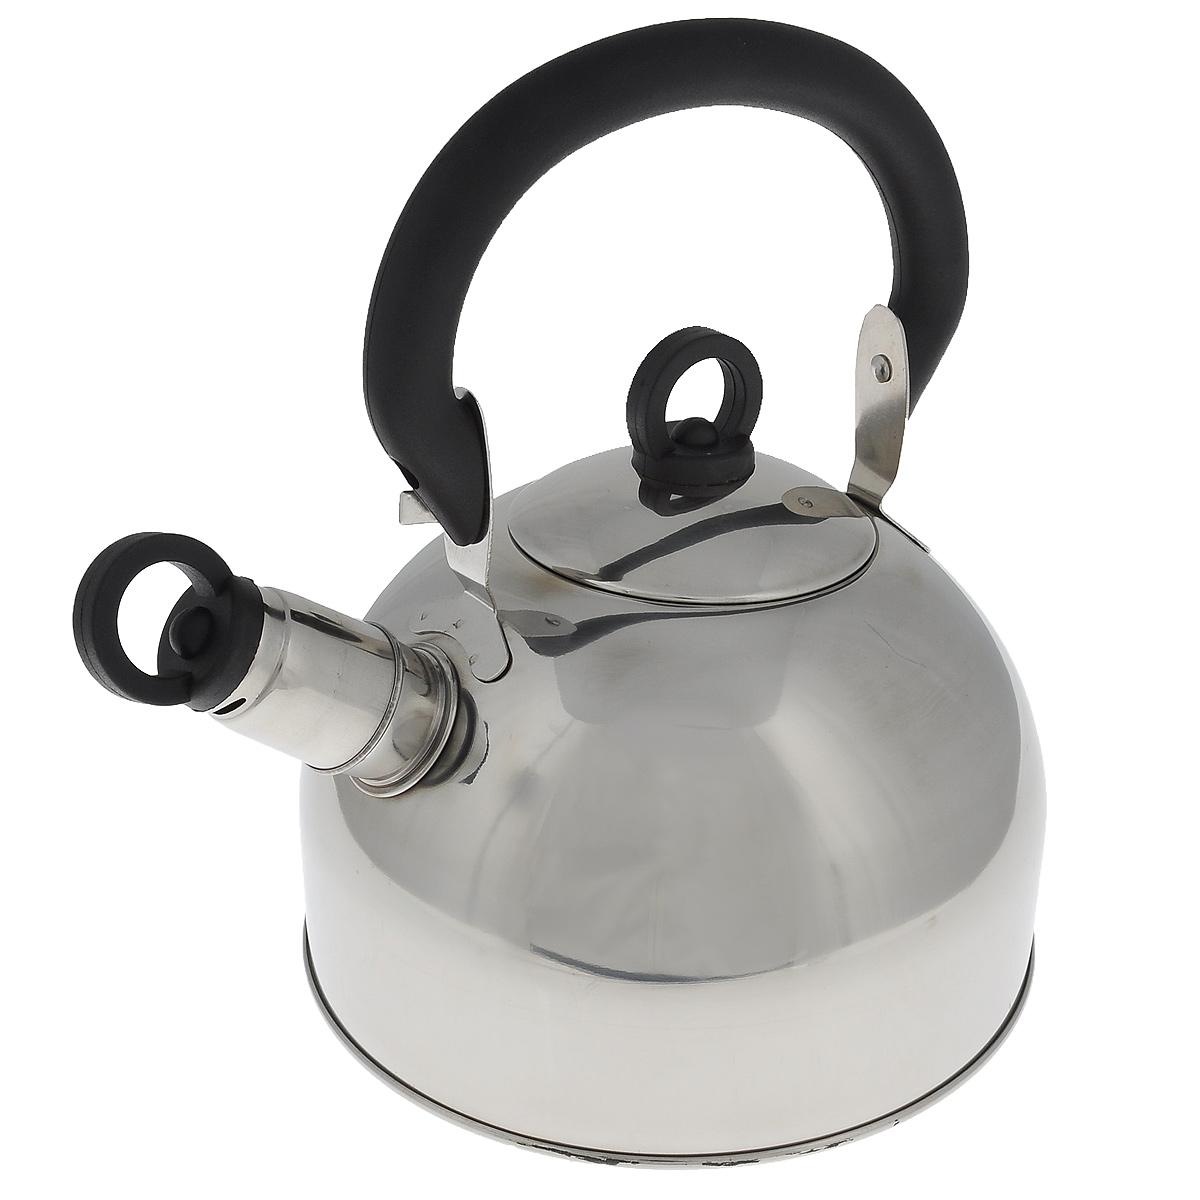 Чайник Regent Inox Tea со свистком, 1,8 л. 93-TEA-2593-TEA-25Чайник Regent Inox Tea выполнен из высококачественной нержавеющей стали 18/10 с зеркальной полировкой. Основные особенности: - оптимальное соотношение толщины дна и стенок посуды, что обеспечивает равномерное распределение тепла, экономию энергозатрат и устойчивость к деформации, - сохранение в воде всех полезных свойств и микроэлементов, - многослойное капсулированное дно: аккумулирует тепло, способствует быстрому закипанию и приготовлению пищи даже при небольшой мощности конфорок, - функционален, гигиеничен, эргономичен, а благодаря оригинальному дизайну чайник станет украшением любой кухни. Чайник оснащен крышкой и удобной фиксированной бакелитовой ручкой. Съемный свисток на носике чайника всегда подскажет, когда вода закипела. Подходит для всех типов плит, включая индукционные. Можно мыть в посудомоечной машине. Высота чайника (без учета ручки и крышки): 12,2 см. Высота чайника (с учетом ручки): 23 см. Диаметр основания чайника: 18,5 см. Диаметр чайника (по верхнему краю): 8,7 см.